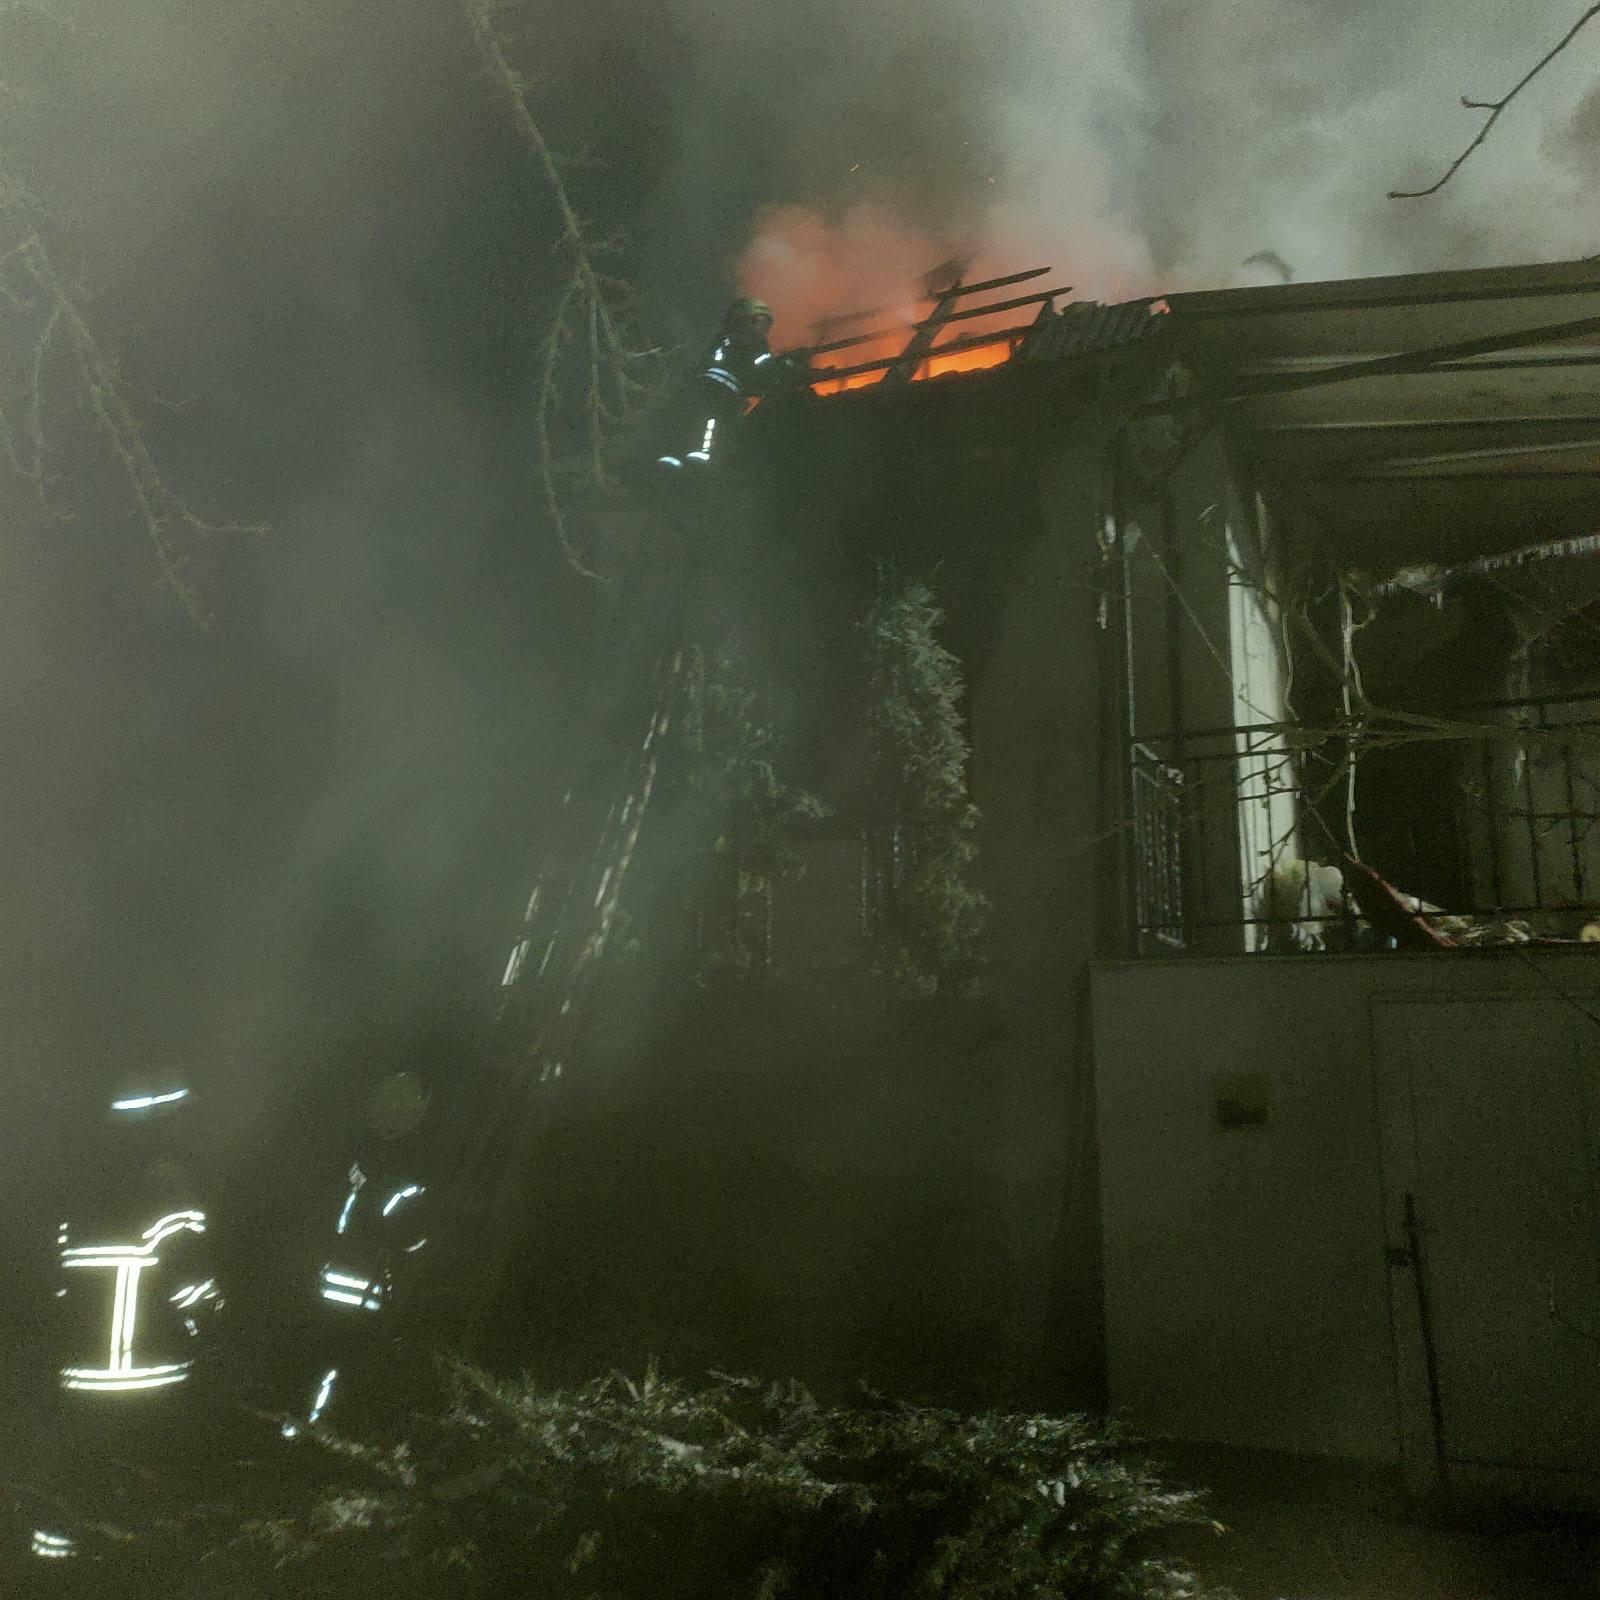 Обухівщина: нічна пожежа в приватному будинку - загорання житлового будинку, вогонь - media share 0 02 05 cd4b48cbbe8abc0cc7ee37c759d662a2c43872908cc39002bb3339453ccced1a 10369e3b 7d44 4dbb 9b57 31e04ffd2f10